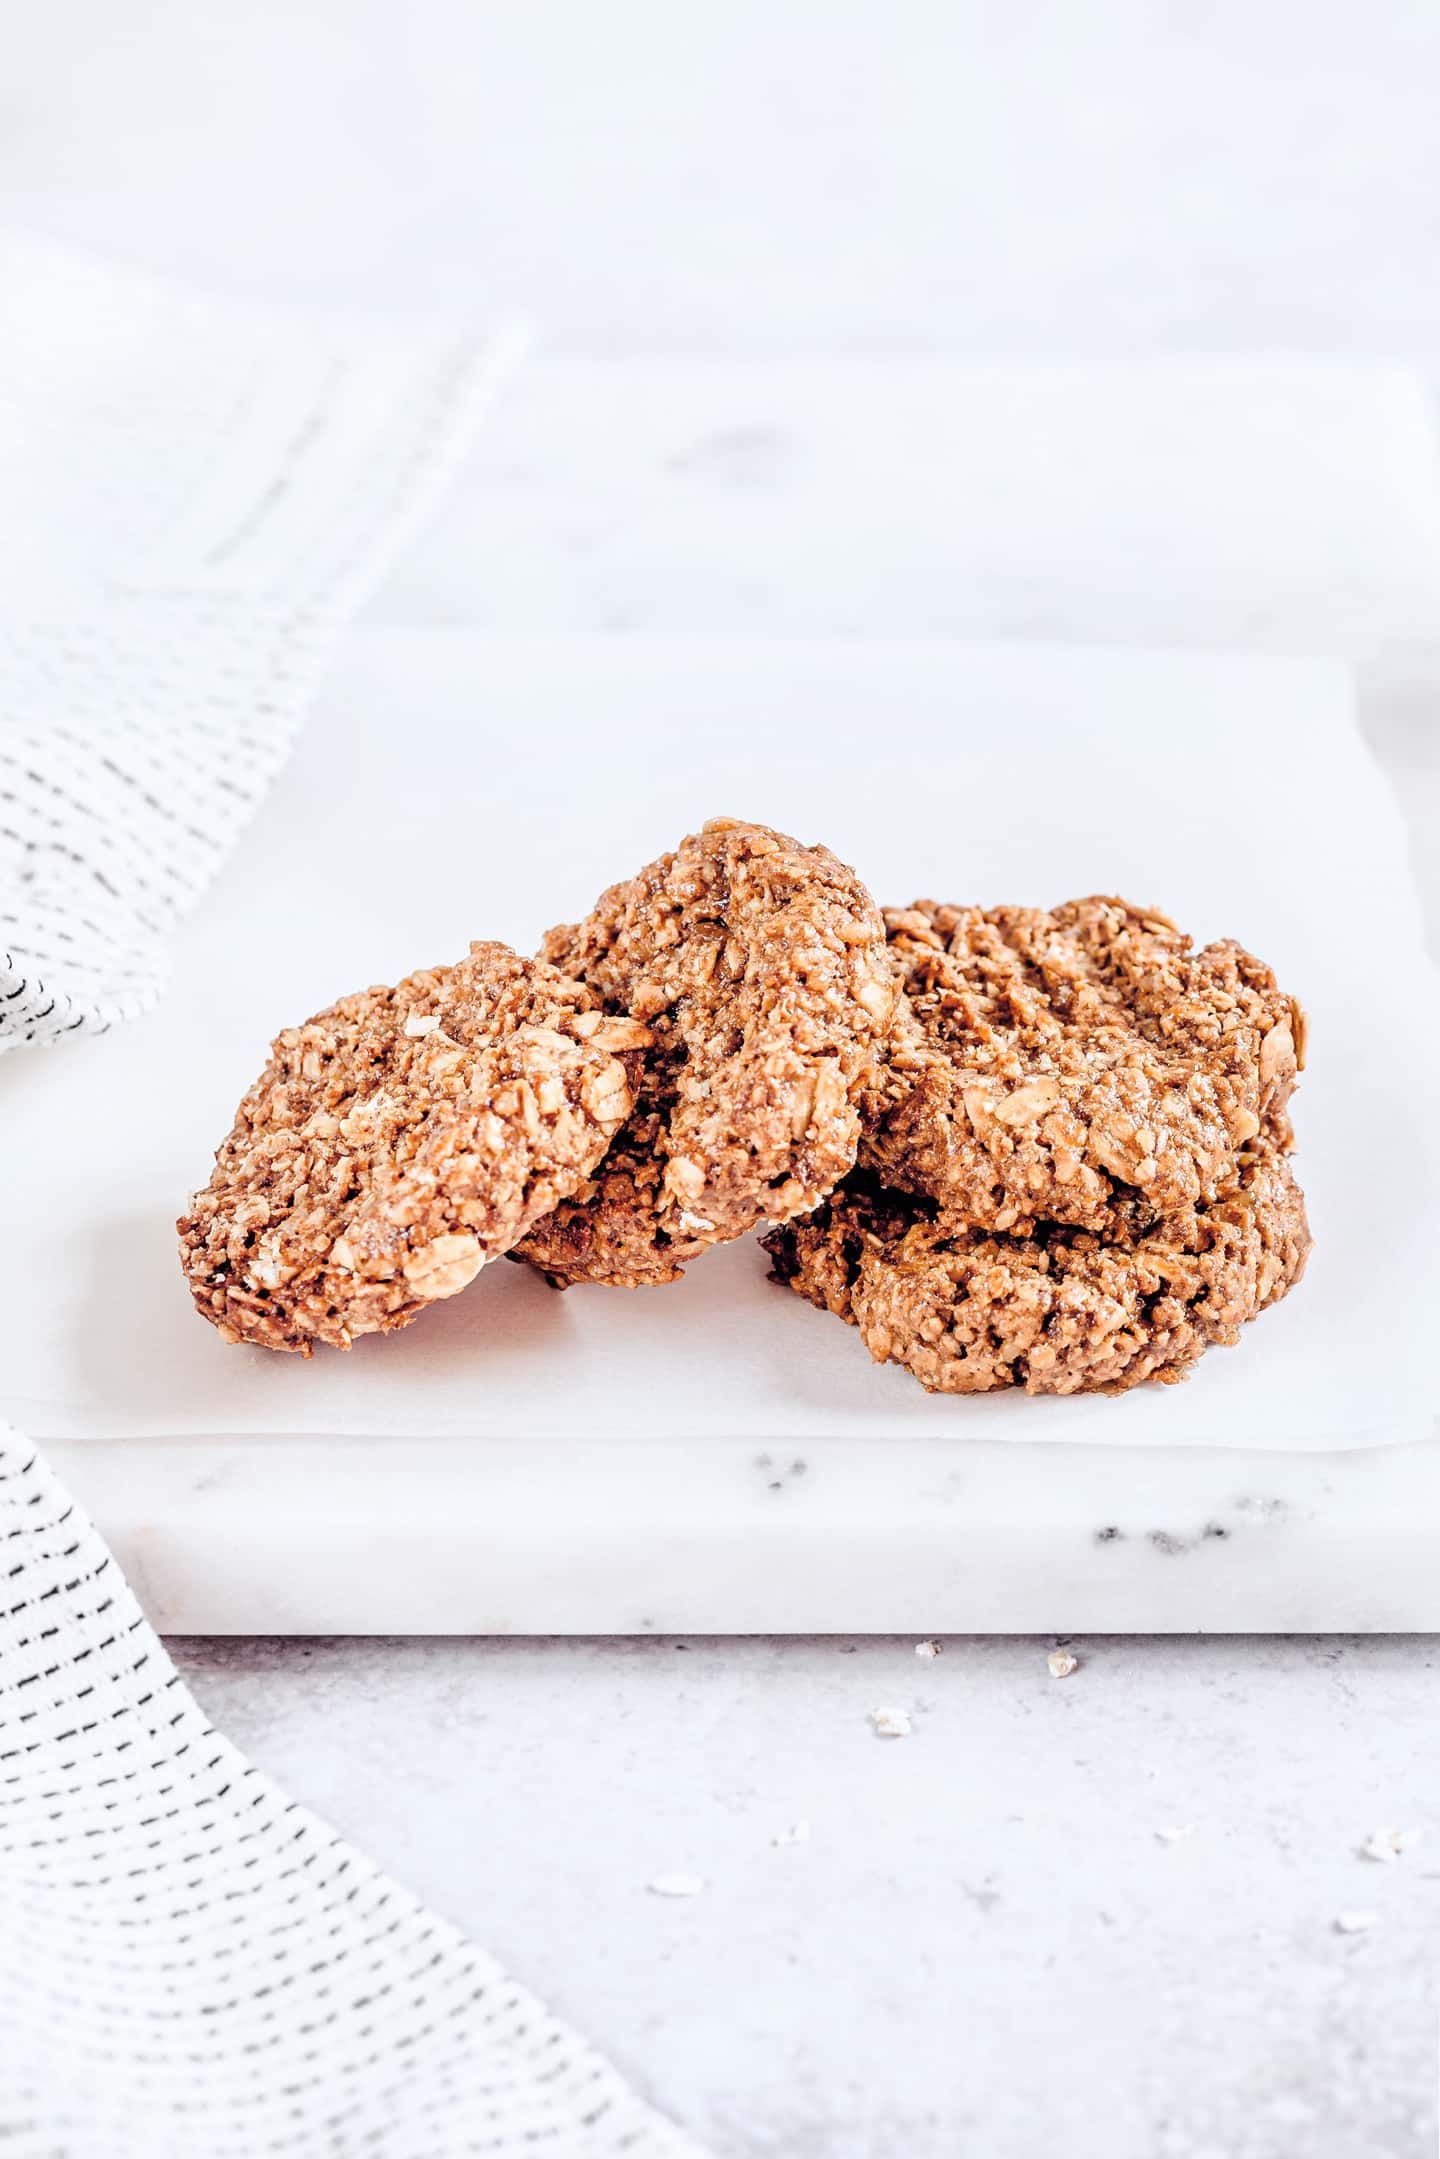 Recette des biscuits healthy flocons d'avoine